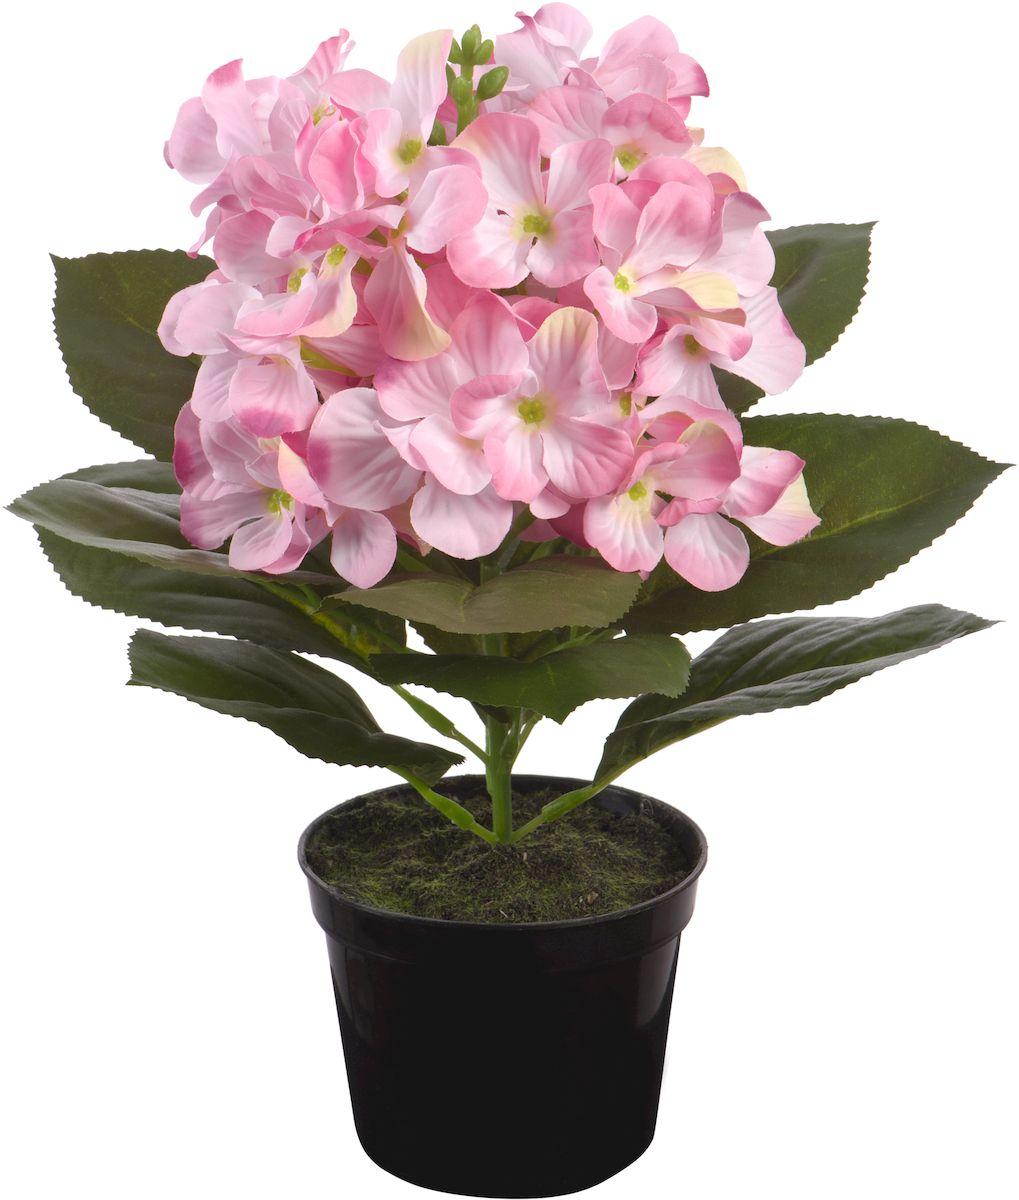 Цветы декоративные Engard Гортензия, в цветочном горшке, 28 см1004900000360Искусственные цветы Engard - это популярное дизайнерское решение для создания природного колорита и гармонии в пространстве. Искусственная гортензия нежно-розового цвета высотой 28 см выполнена из высококачественного материала передающего неповторимую естественность является достойной альтернативой живым цветам. Не требует постоянного ухода.